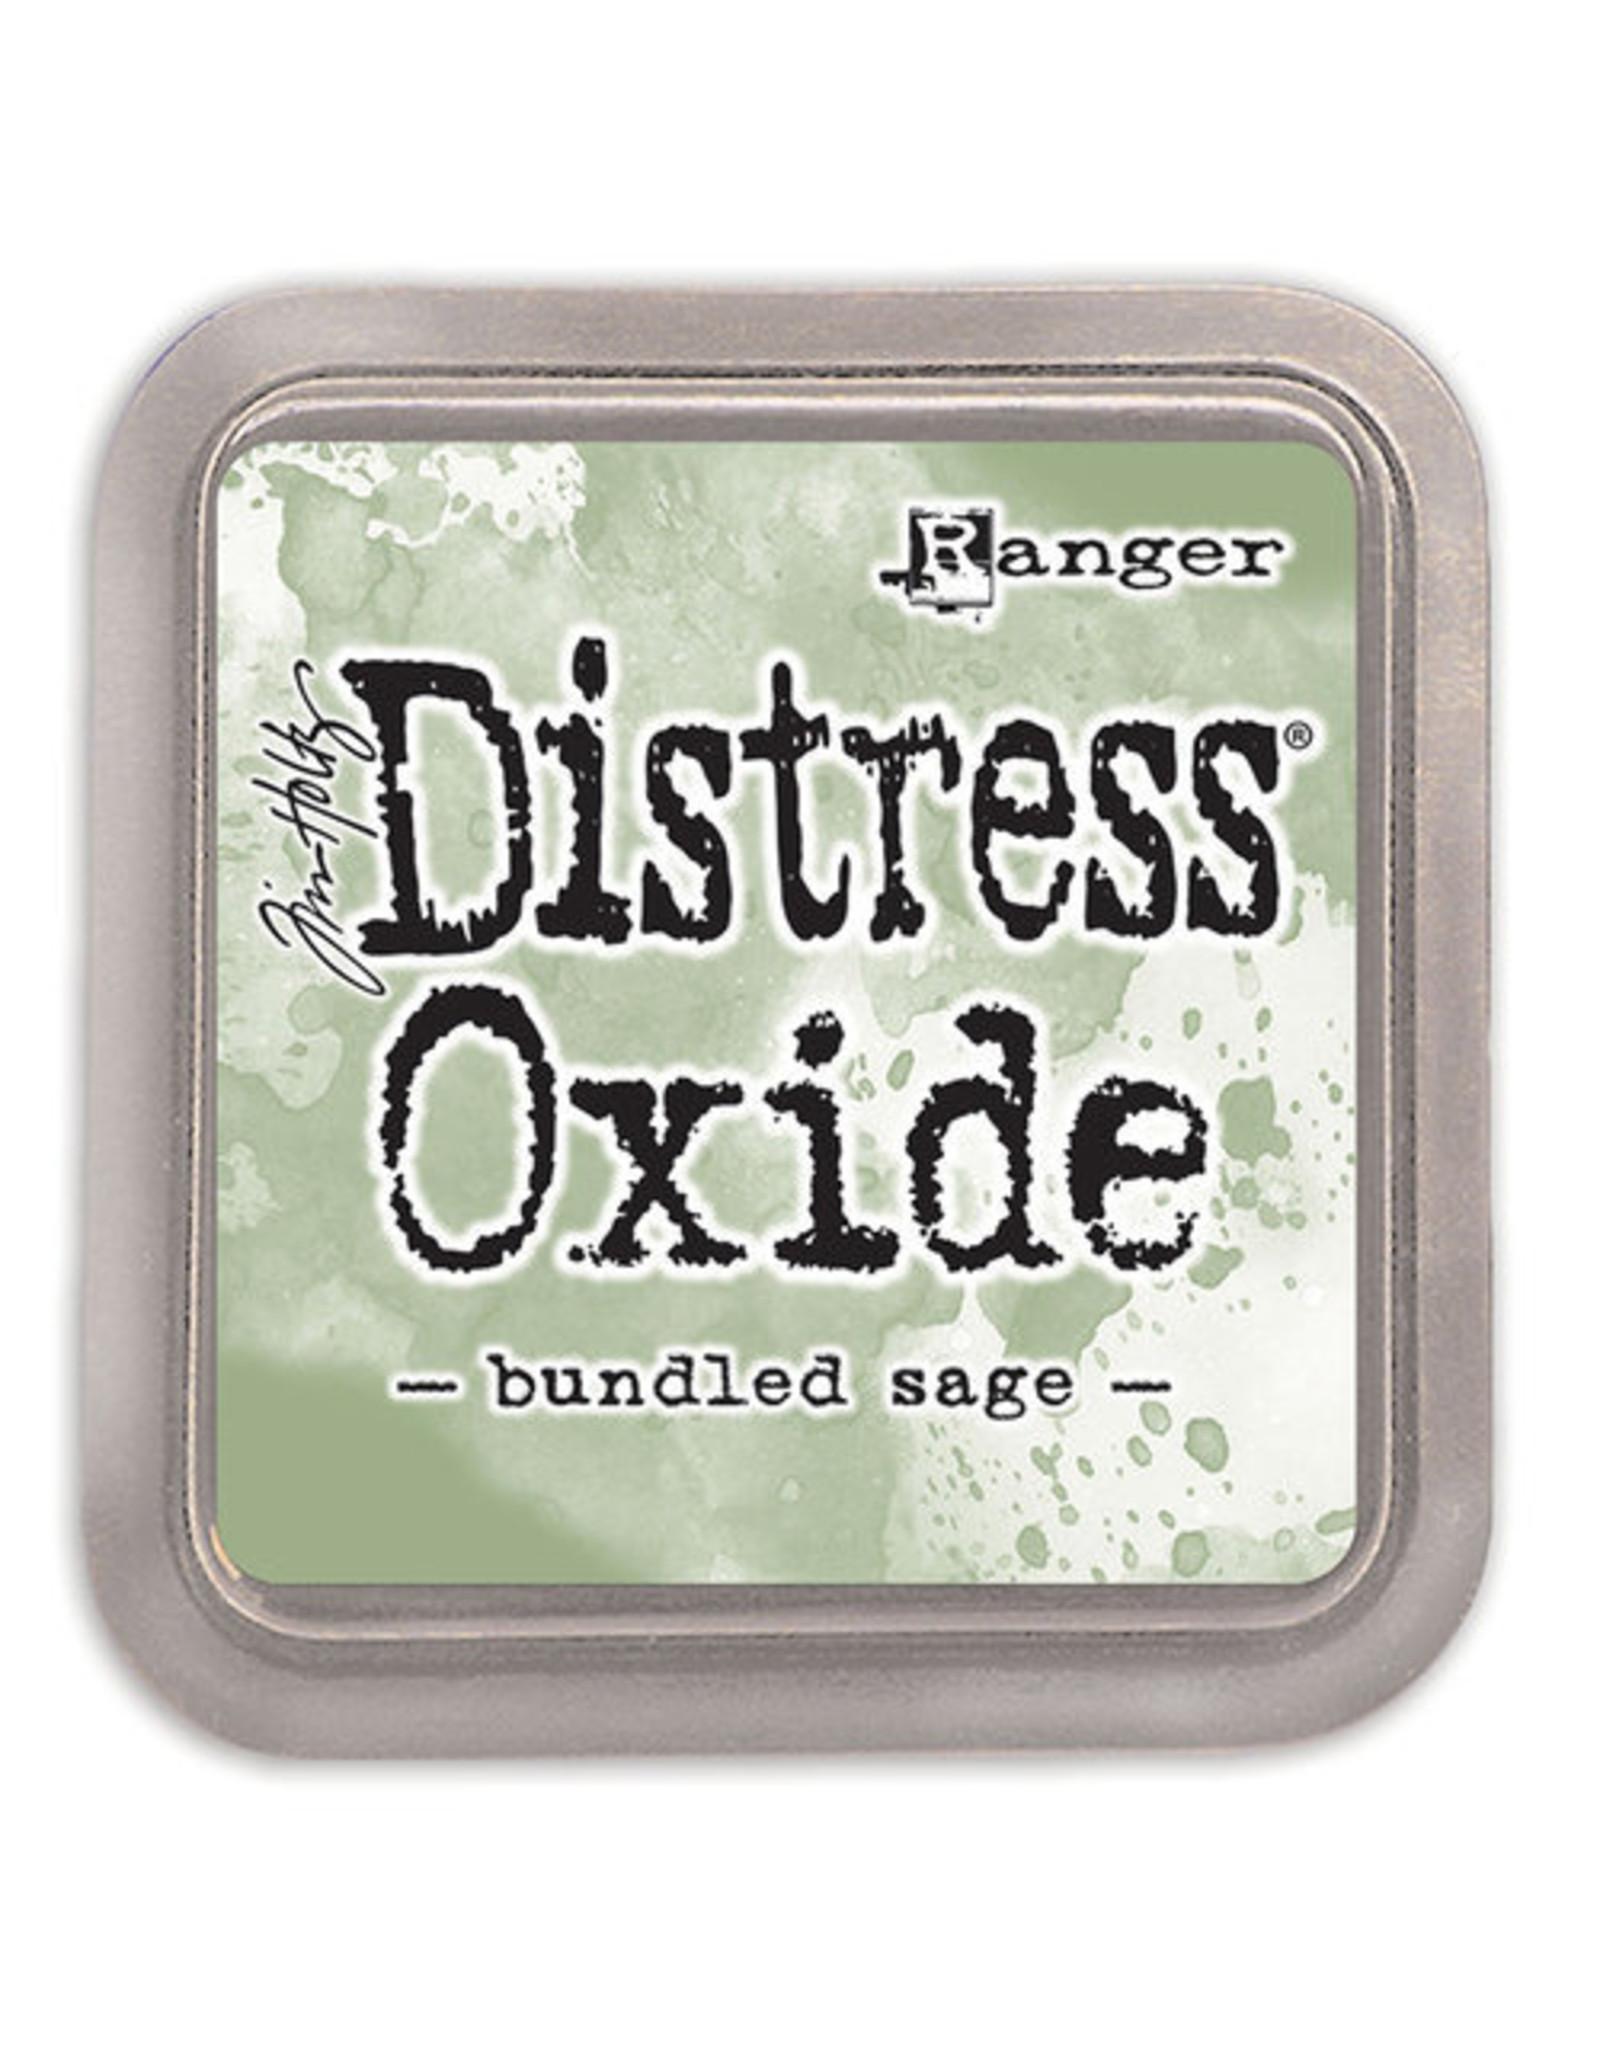 Ranger Distress Oxide Ink Pad - Bundled Sage